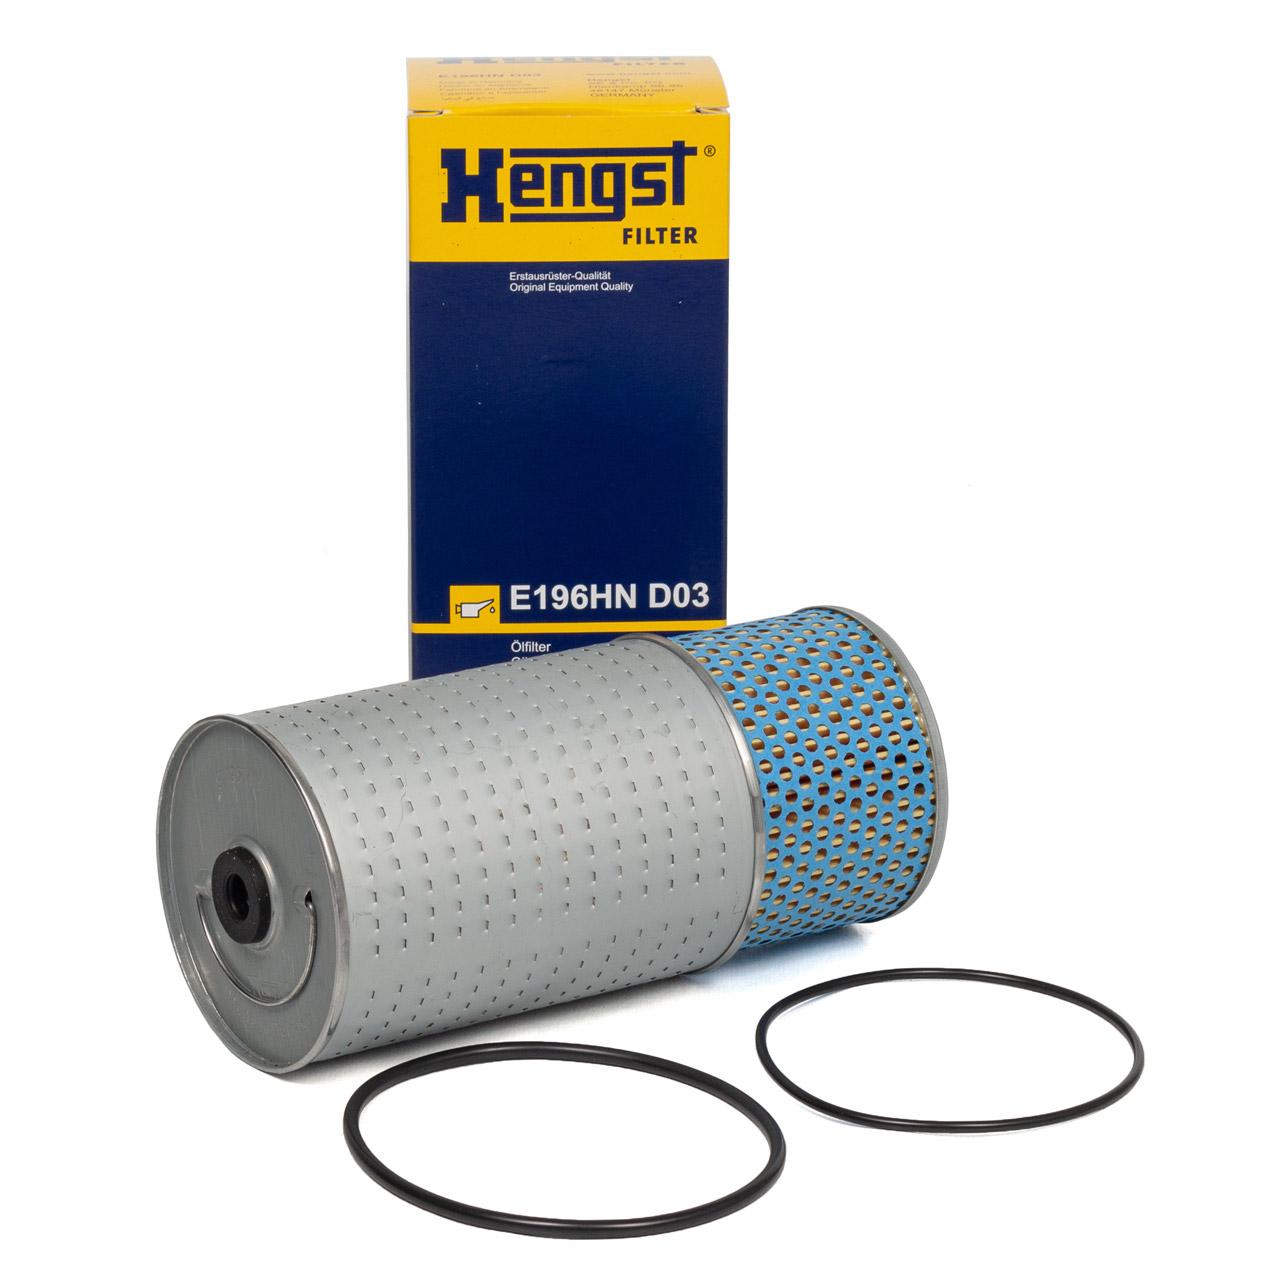 HENGST E196HND03 Ölfilter für MERCEDES W460 240/300GD W123 200D 2220D 240D 300D